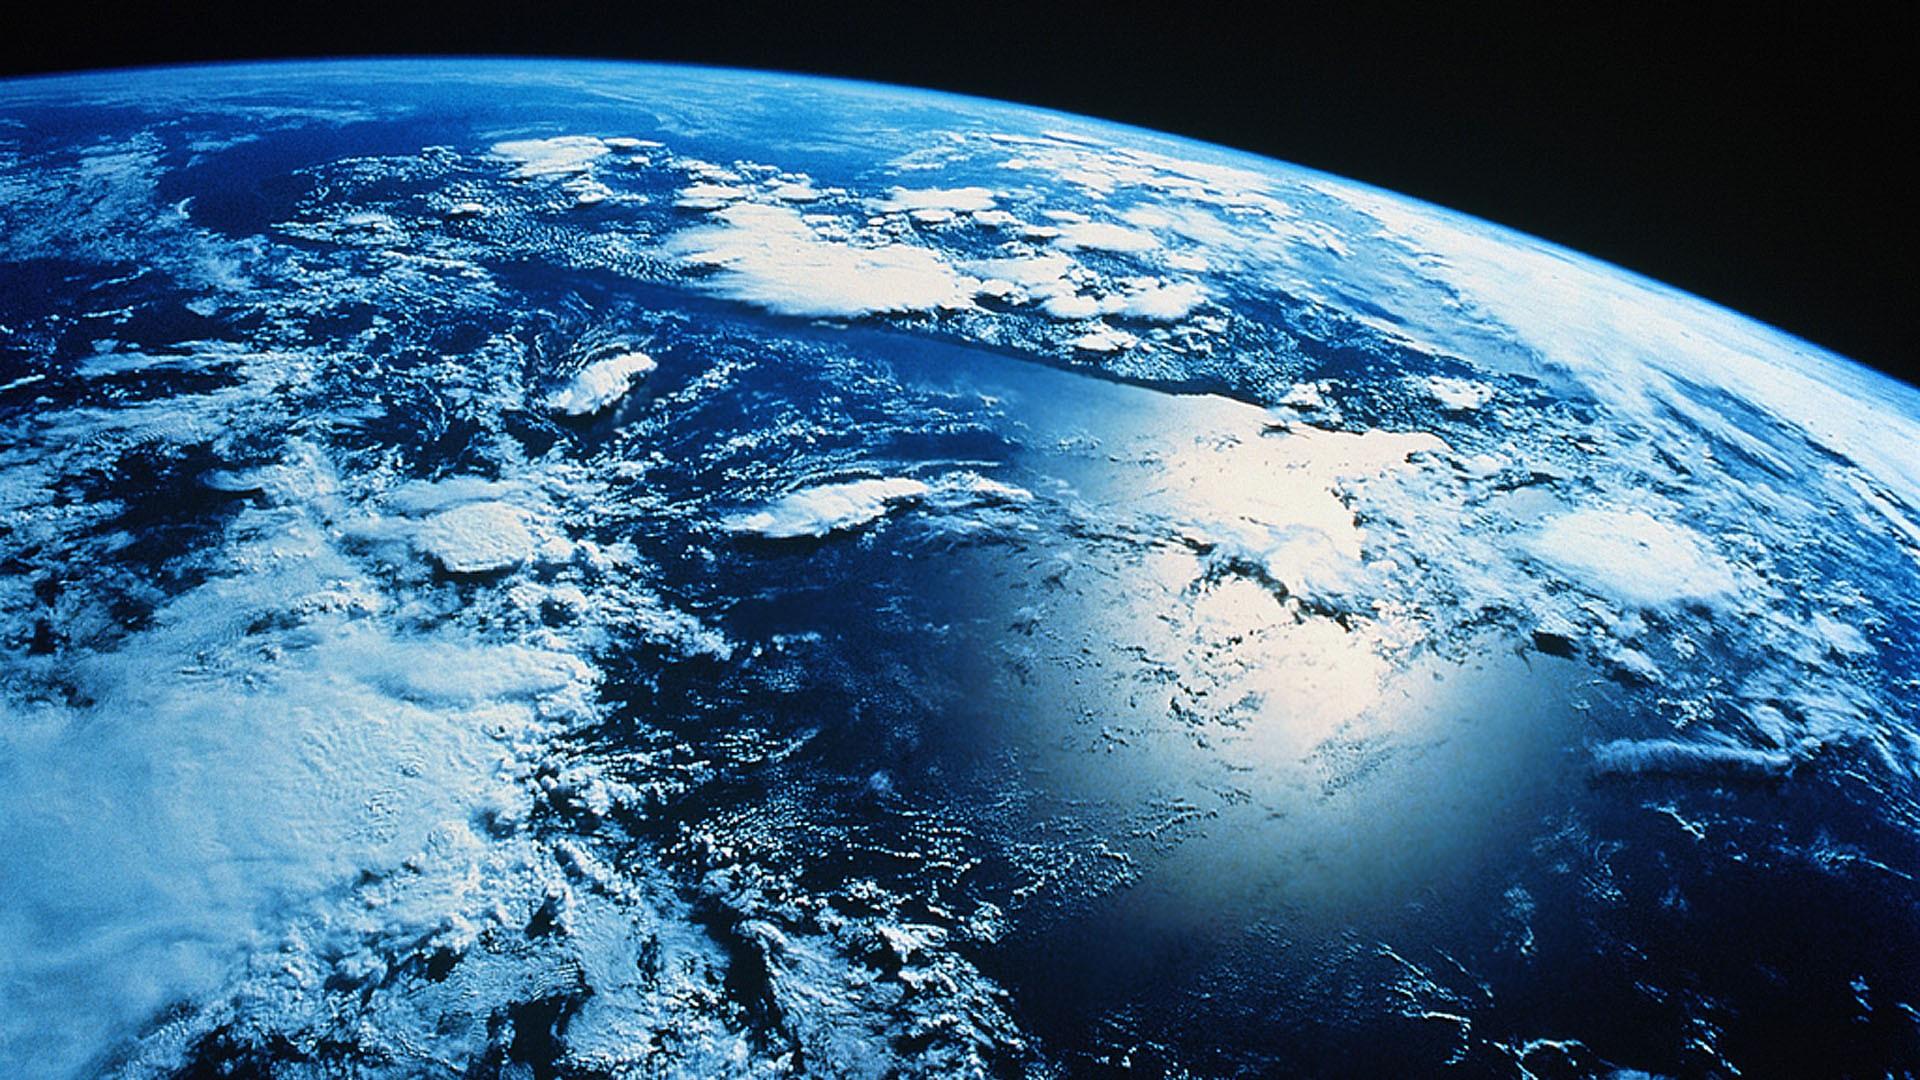 Учёные рассказали, почему ледяные экзопланеты не могут быть обитаемы